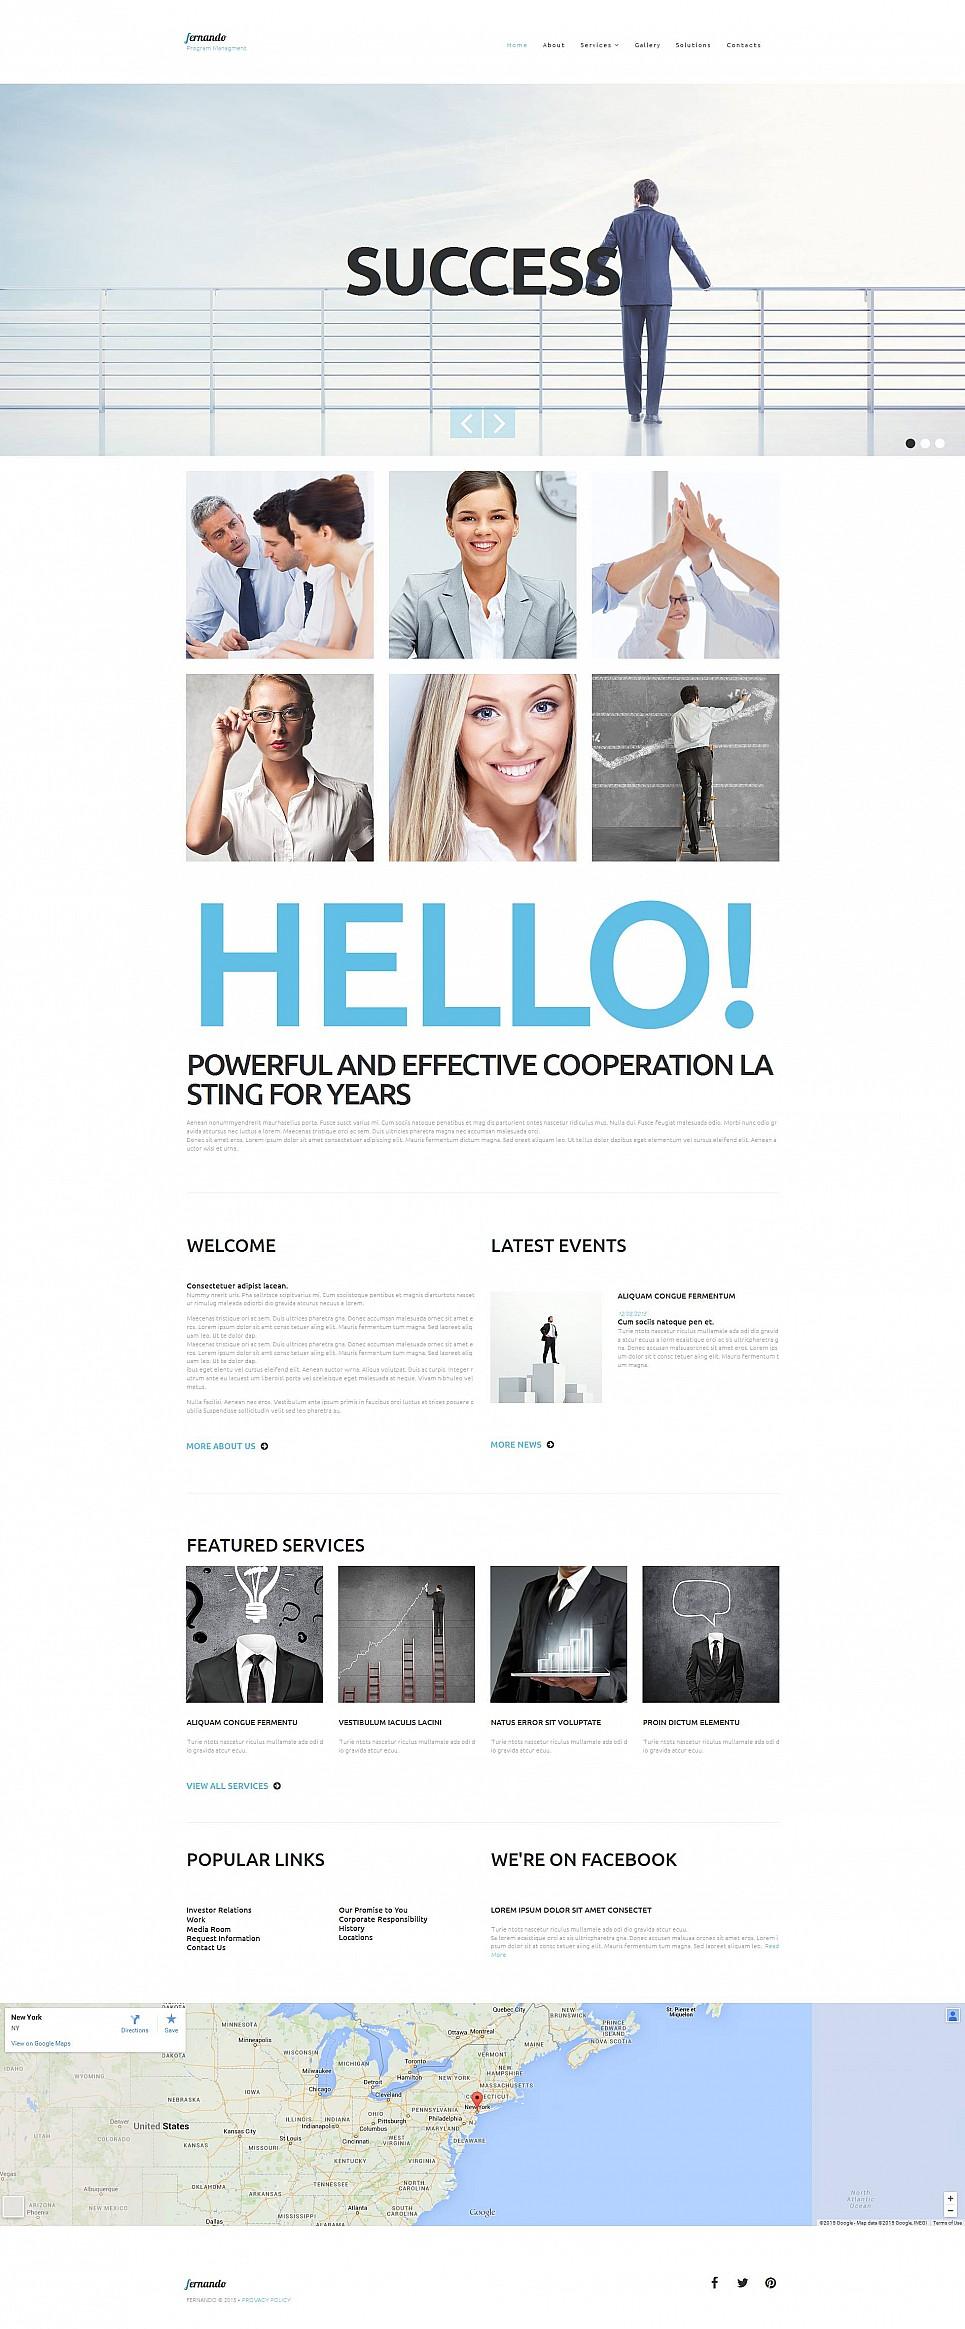 Business Management Website Design - image